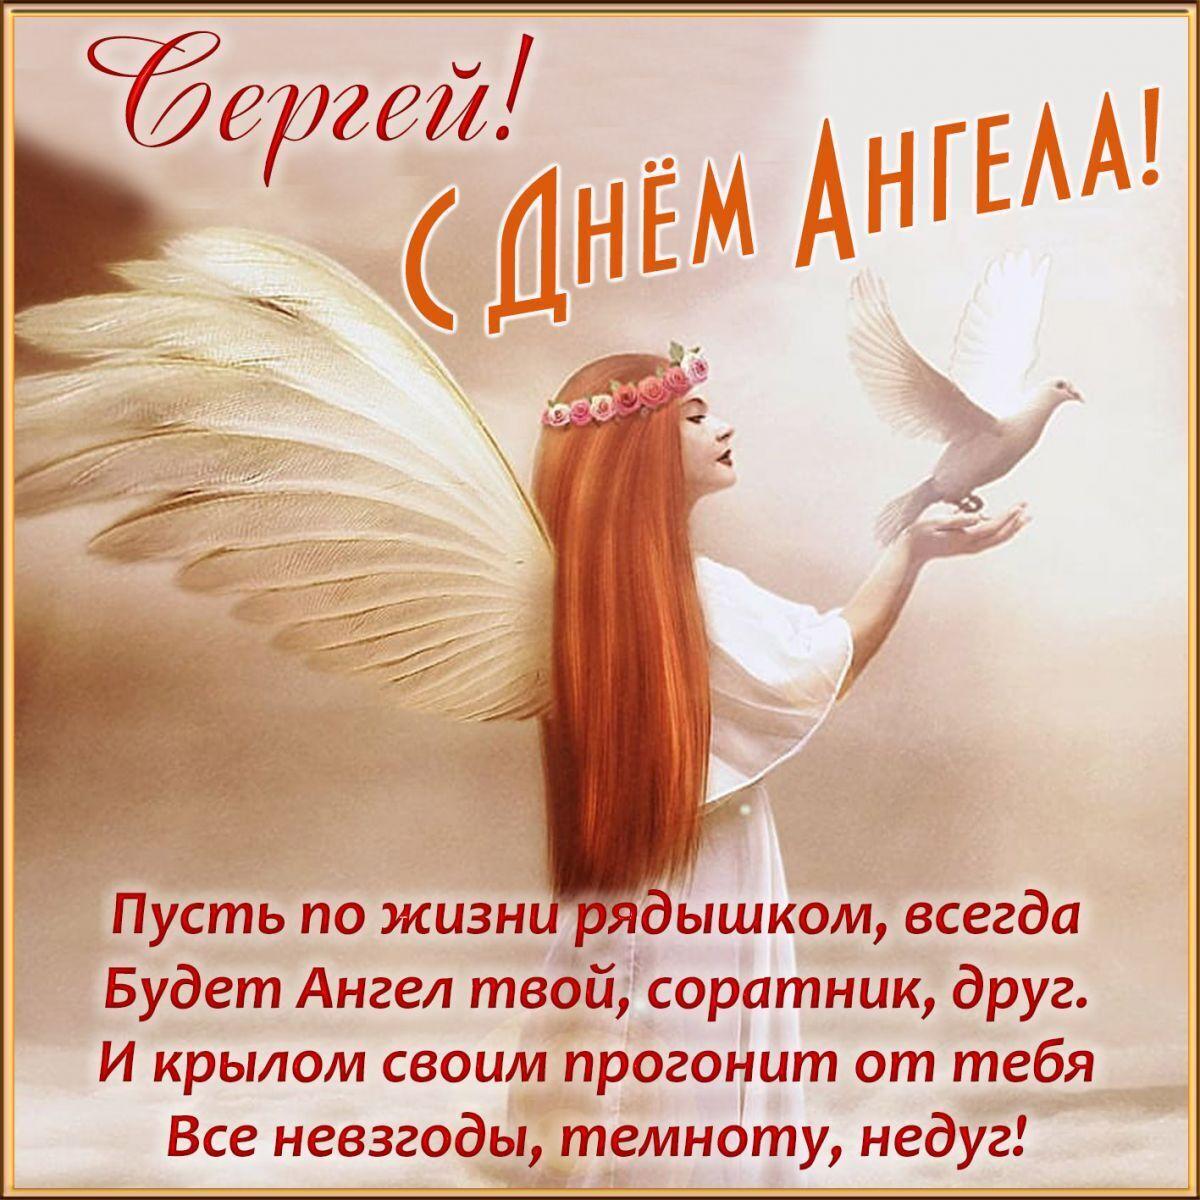 День ангела Сергея 2020 - поздравления, пожелания, стихи, видео, картинки